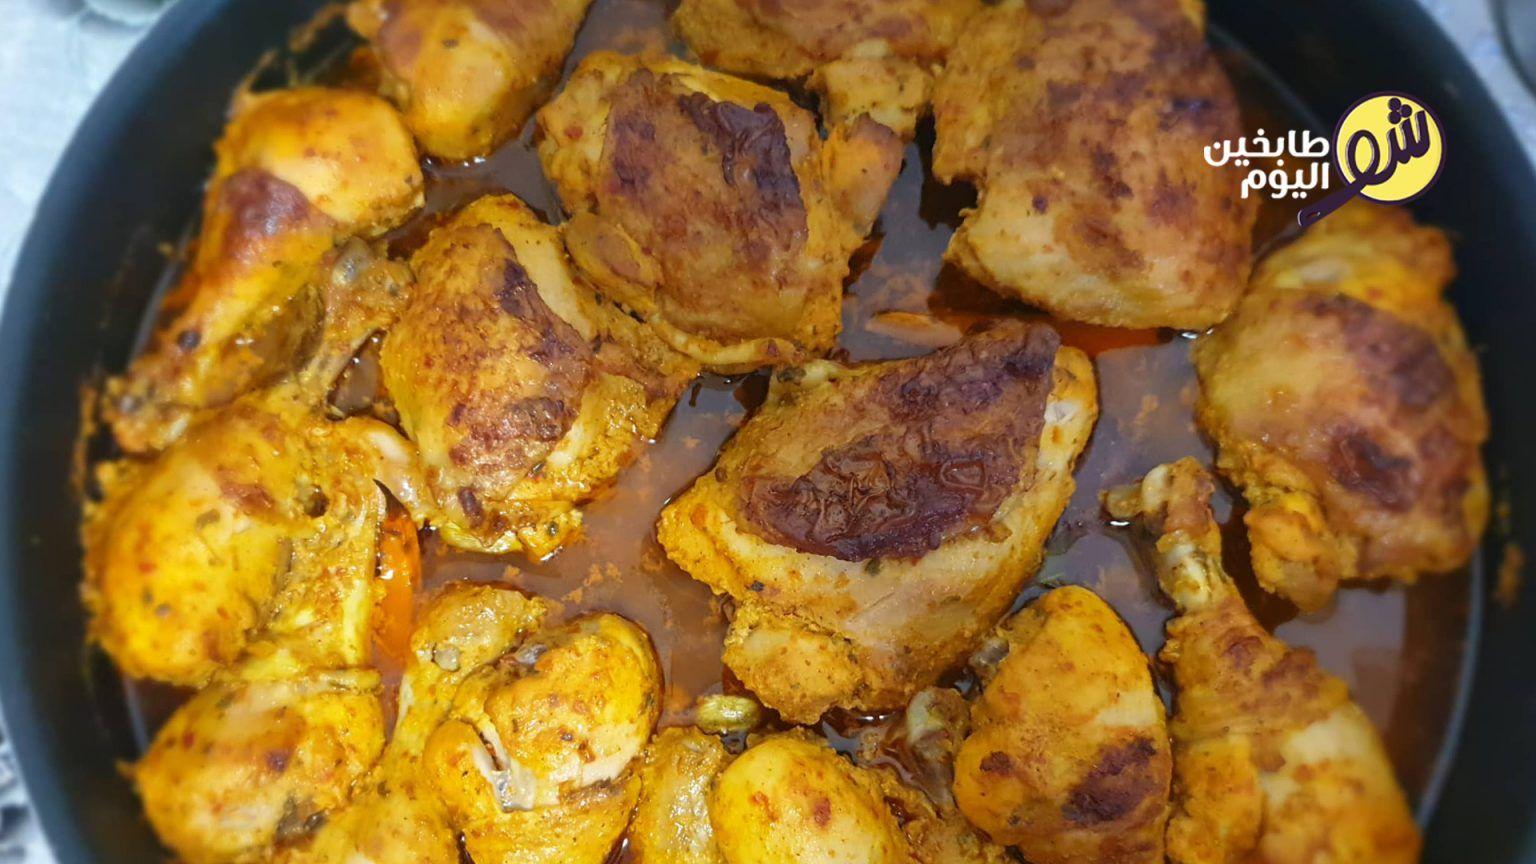 صينية دجاج بالفرن شو طابخين اليوم Recipes Arabic Food Food